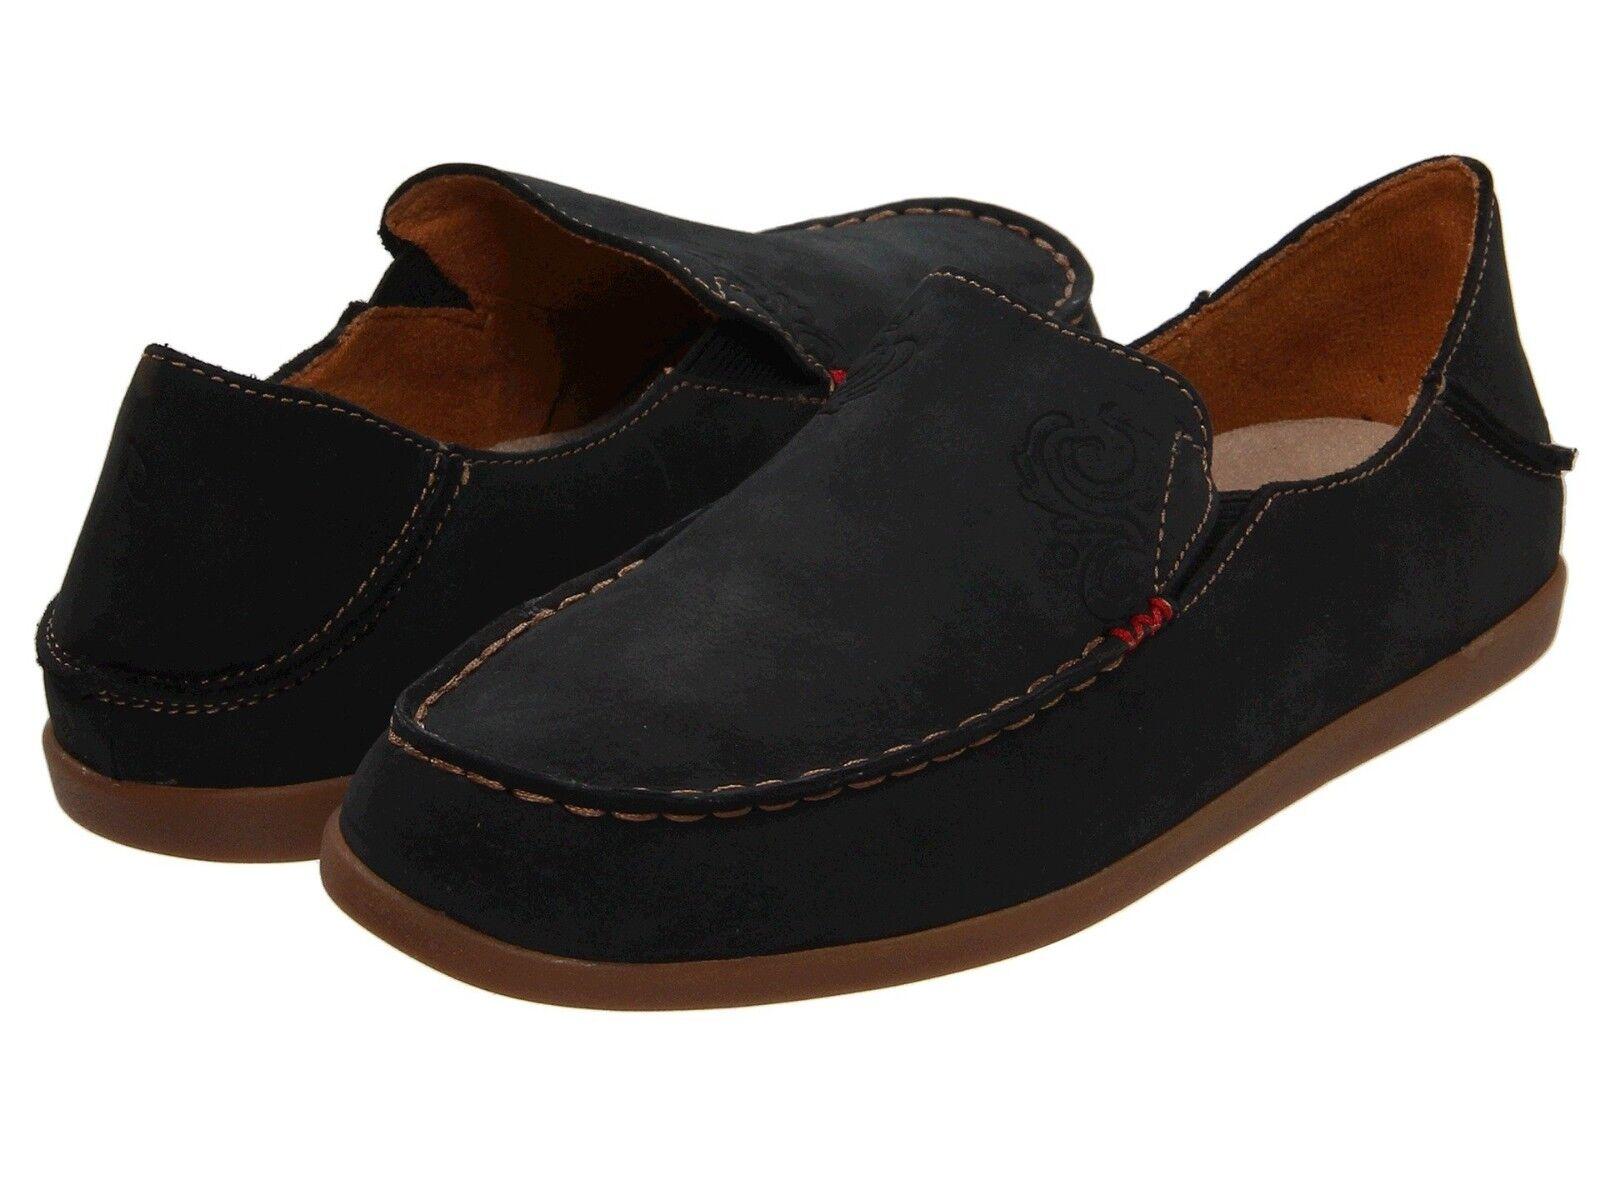 vendita all'ingrosso Donna  scarpe OluKai Nohea Nubuck Casual Loafers Loafers Loafers 20174-4034 nero Tan New  più economico